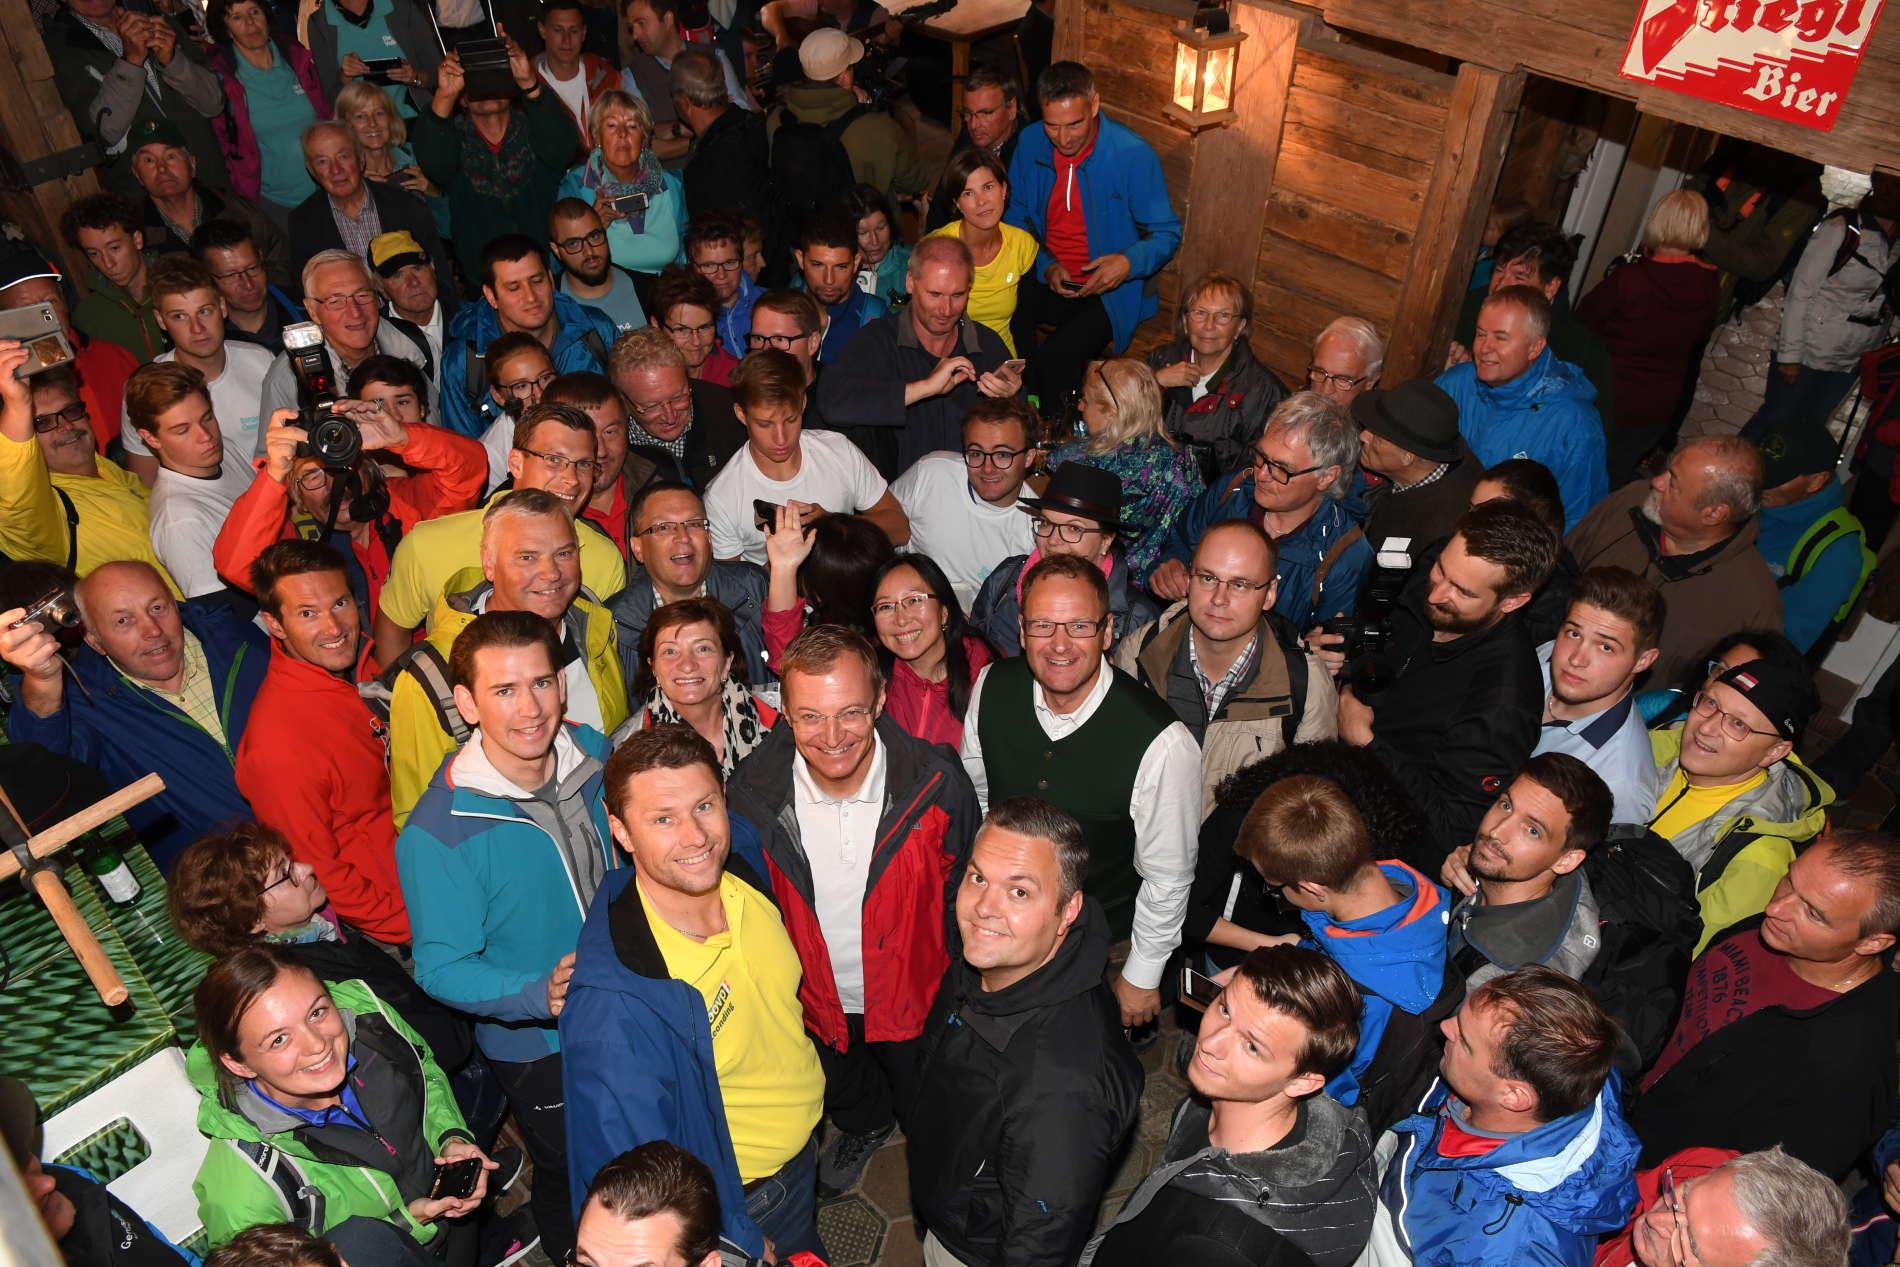 Rund 1500 Menschen jeden Alters waren am Samstag bei der Bergauf-Tour mit Bundeskanzler Sebastian Kurz und LH Thomas Stelzer am Kasberg in Grünau dabei. Kurz war ein Dach über dem Kopf in der Sonnalm gut gegen den Regen, doch der Wettergott hatte letztlich ein Einsehen, Hundertschaften machten sich auf den Weg zum Hochberghaus.